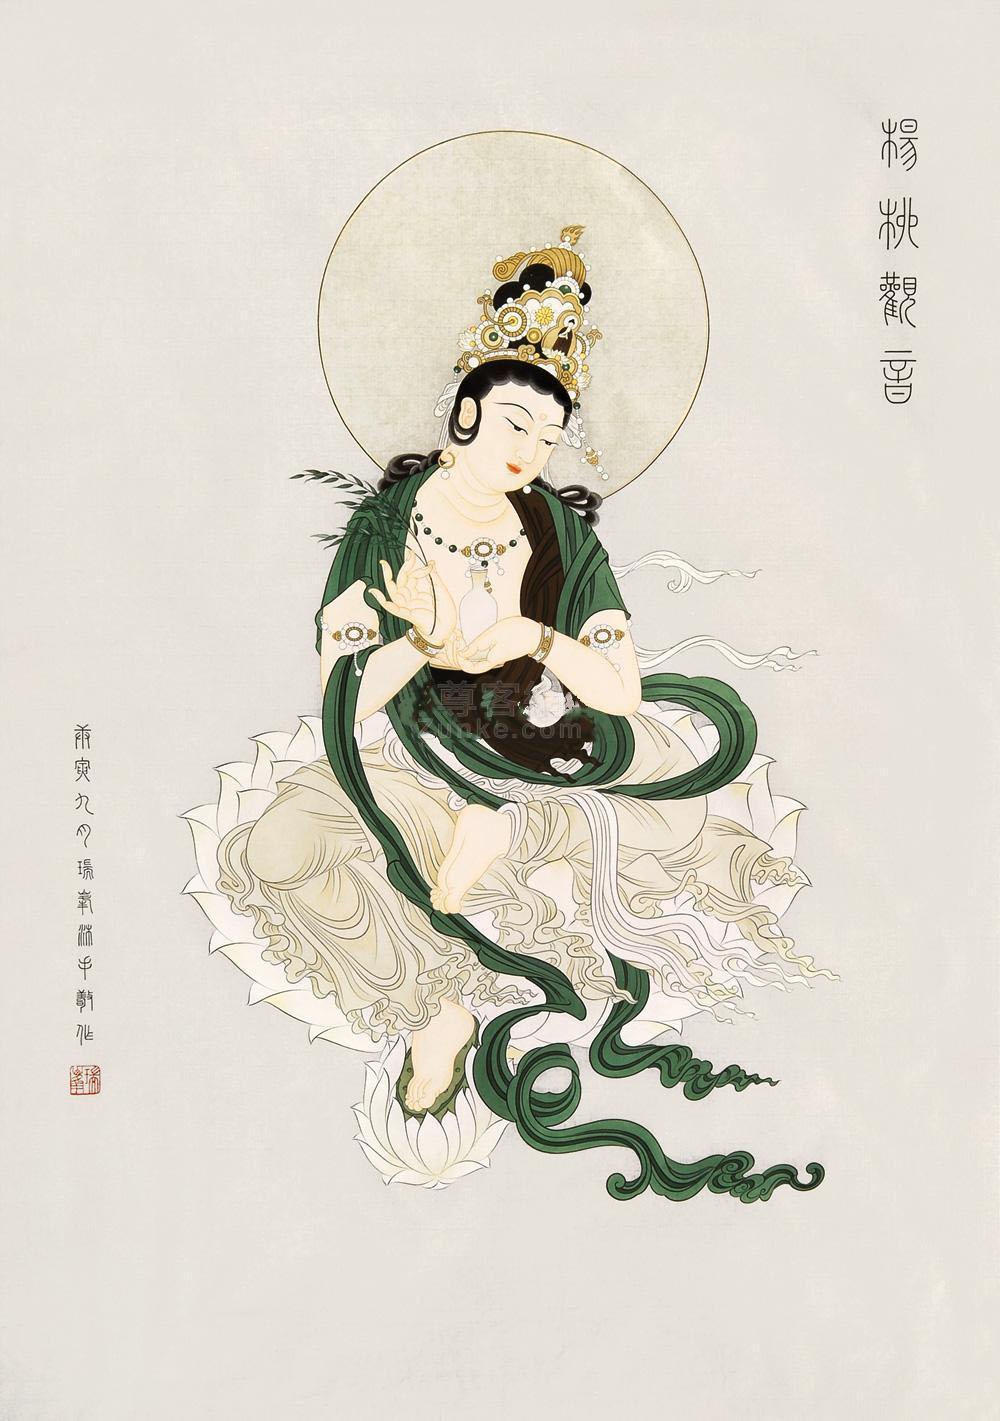 观音像真人版_观音菩萨佛教图片_中国佛教图片网_佛菩萨圣